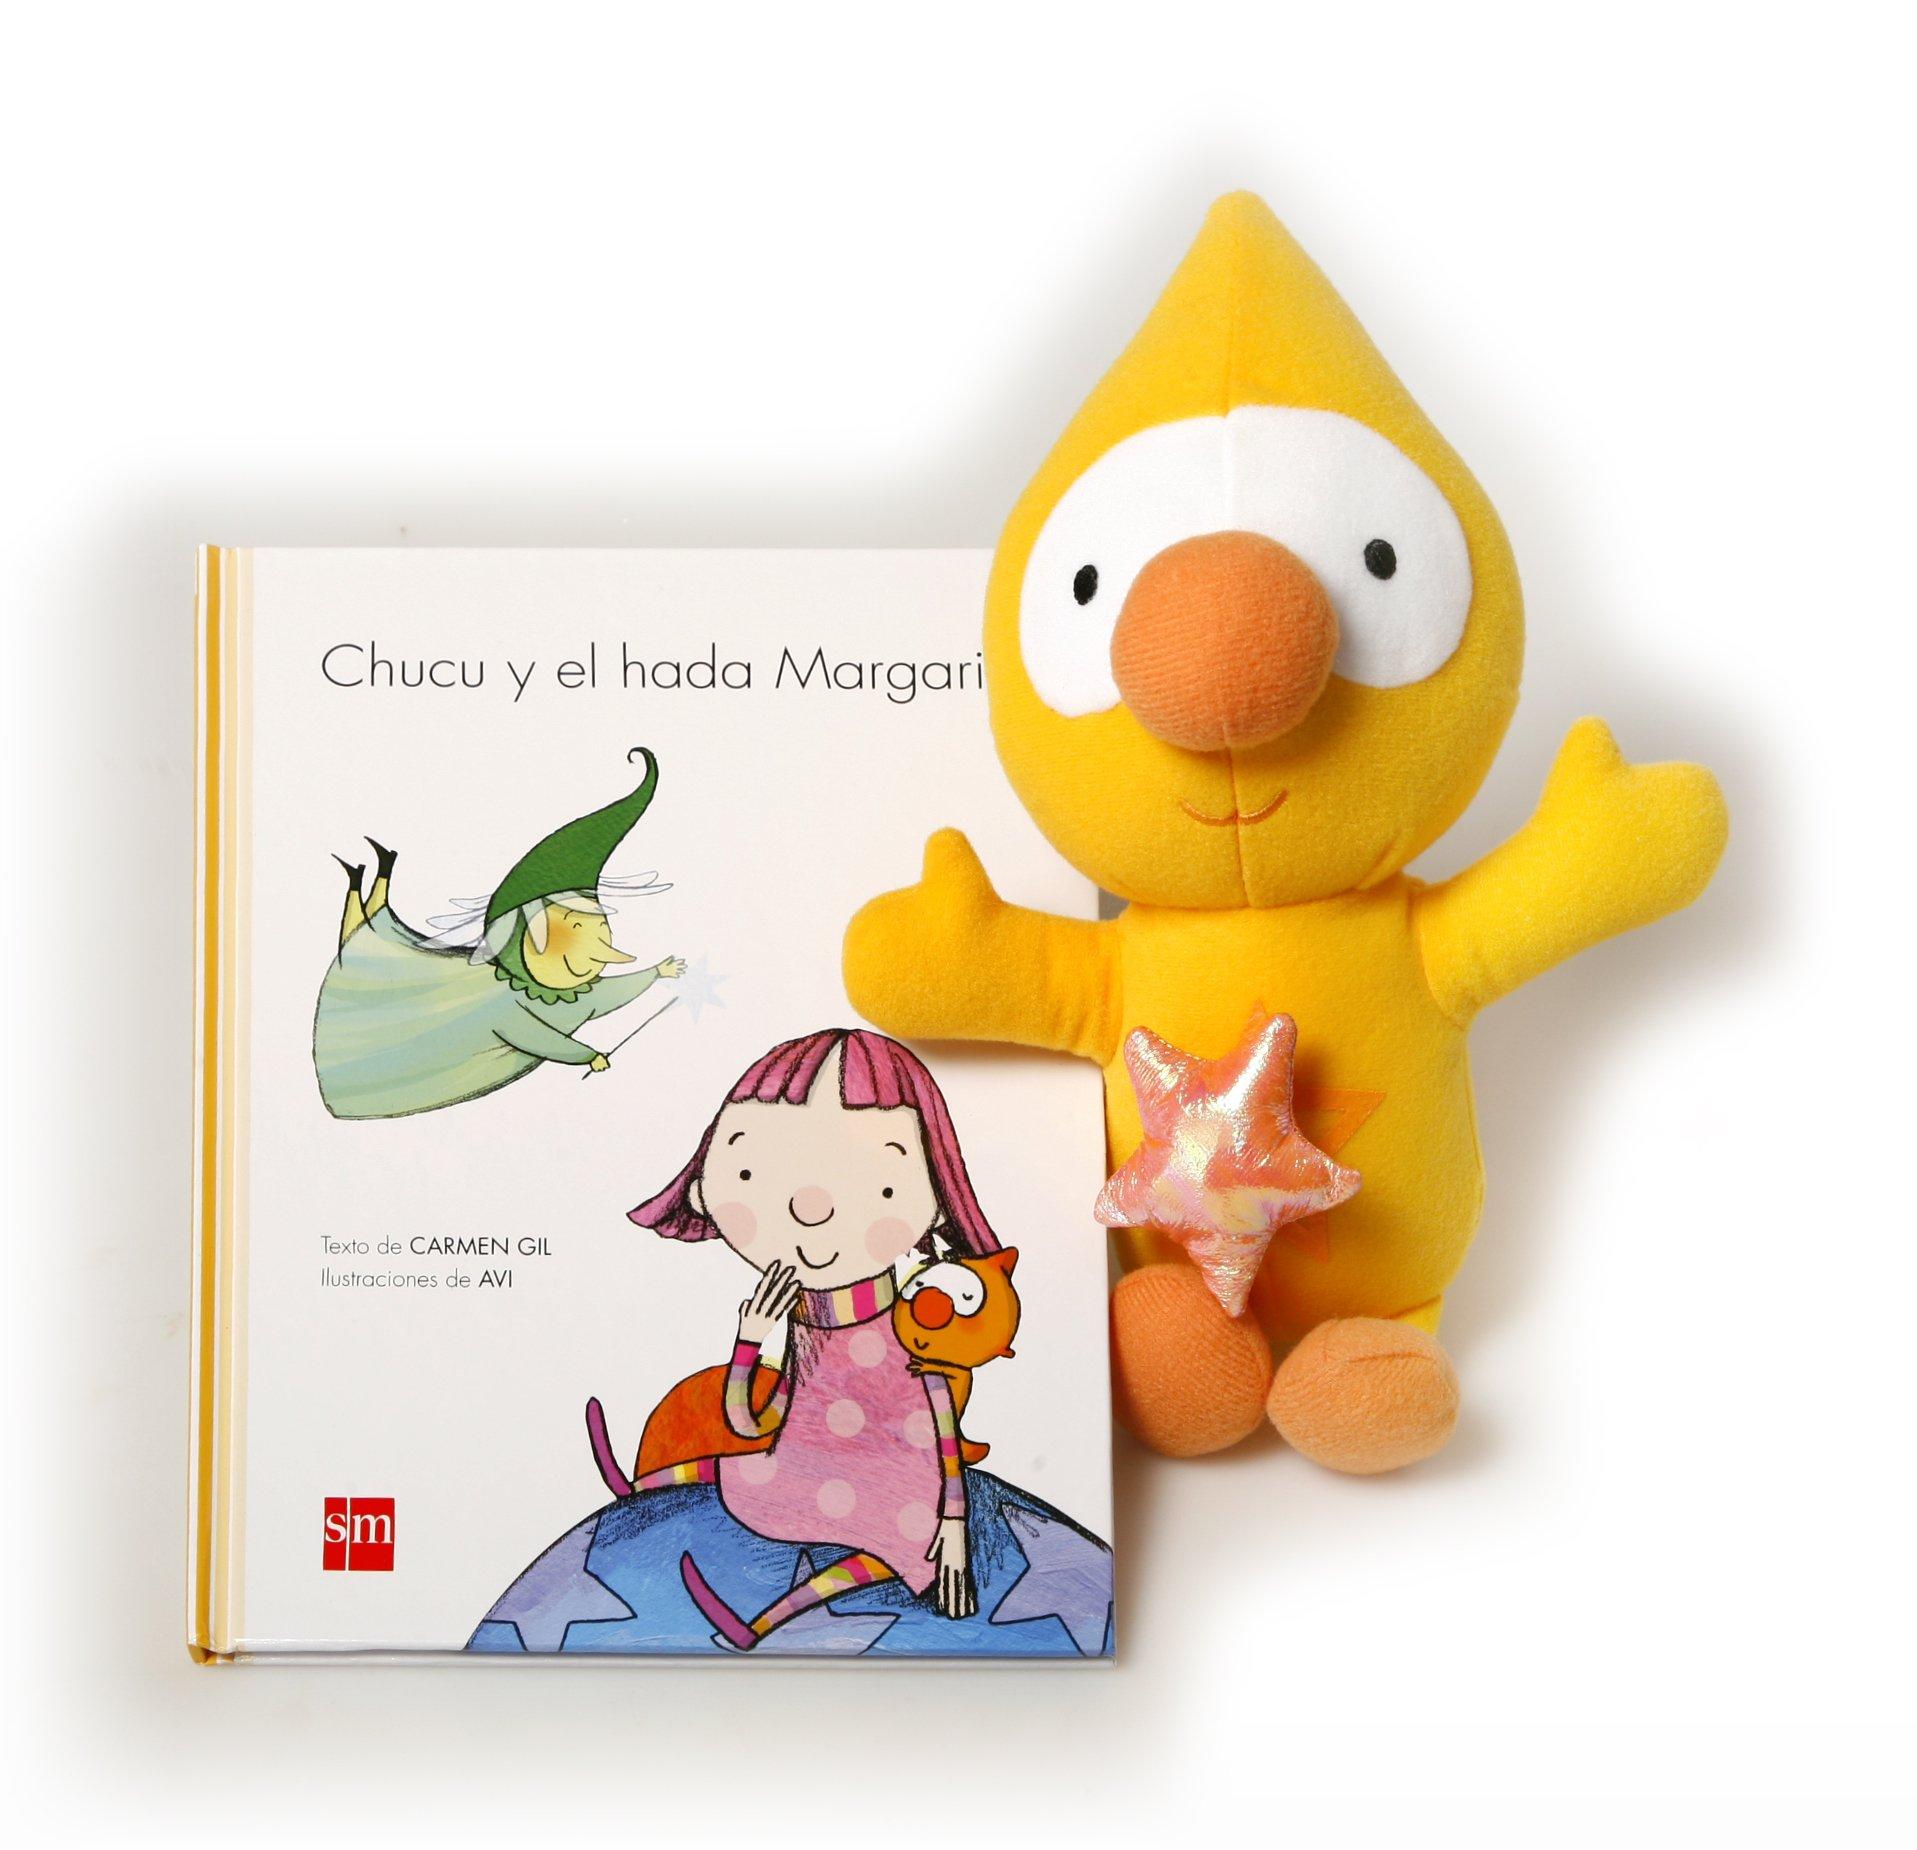 Chucu y el hada Margarita (Colegitos): Amazon.es: Carmen Gil ...